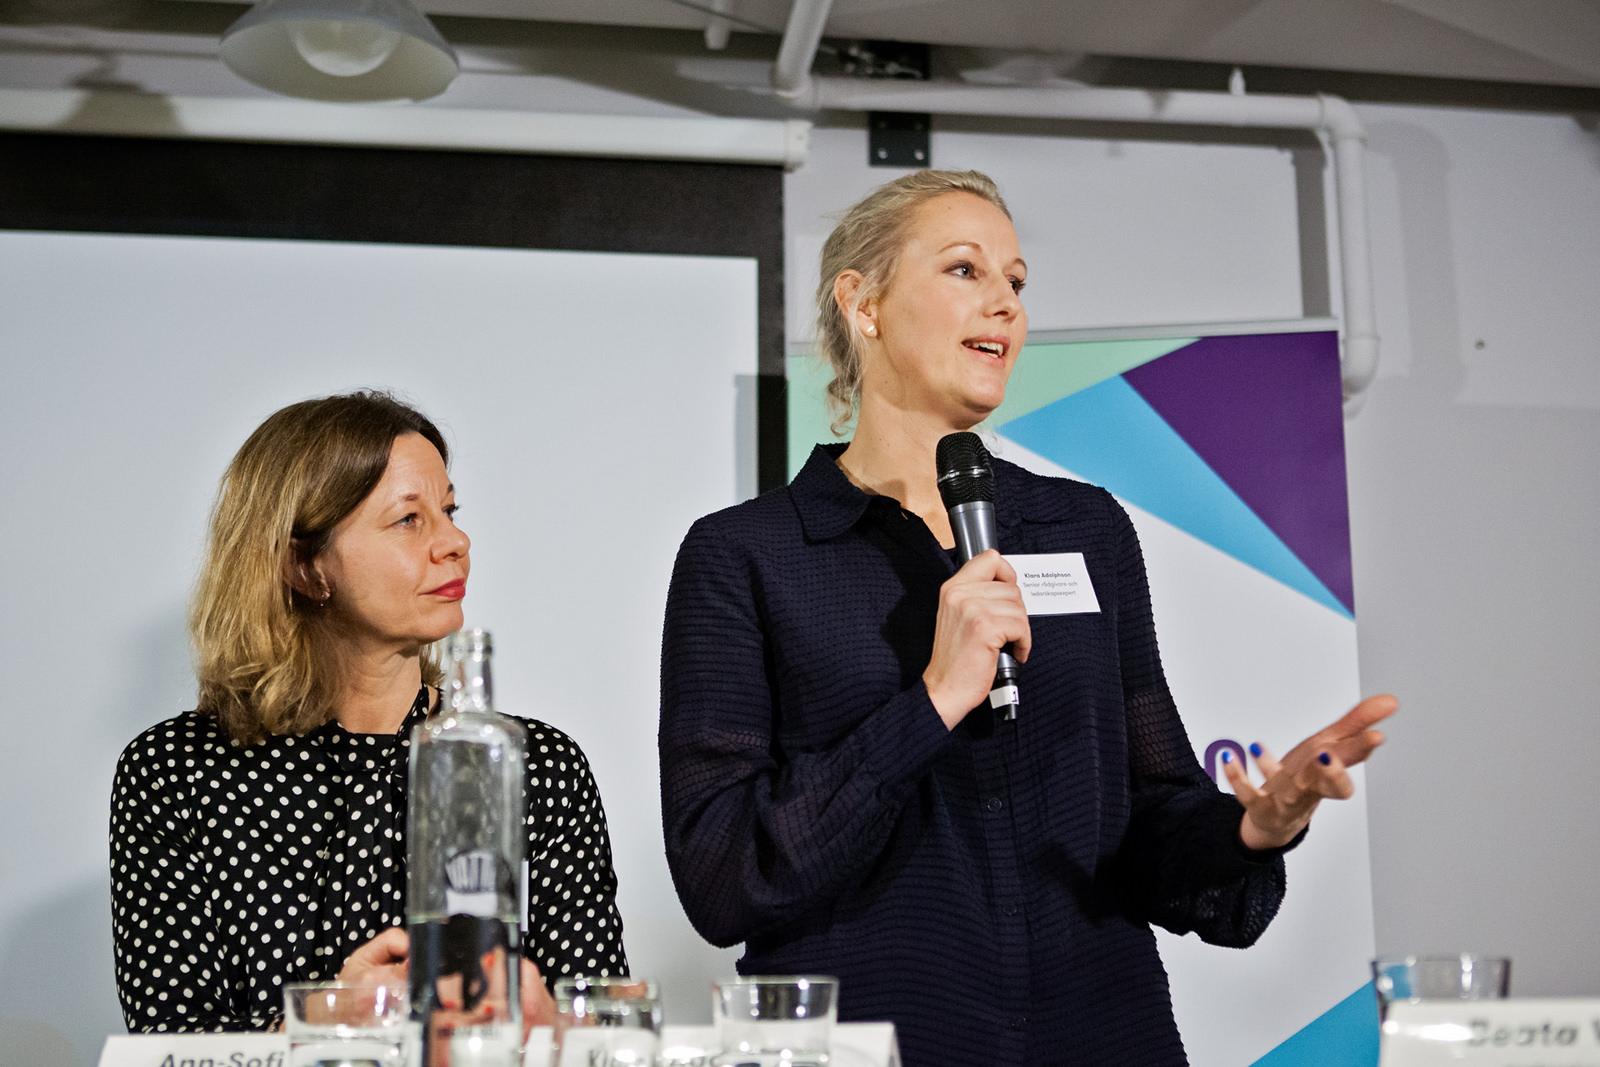 Ann-Sofi Sjöberg och Klara Adolphson